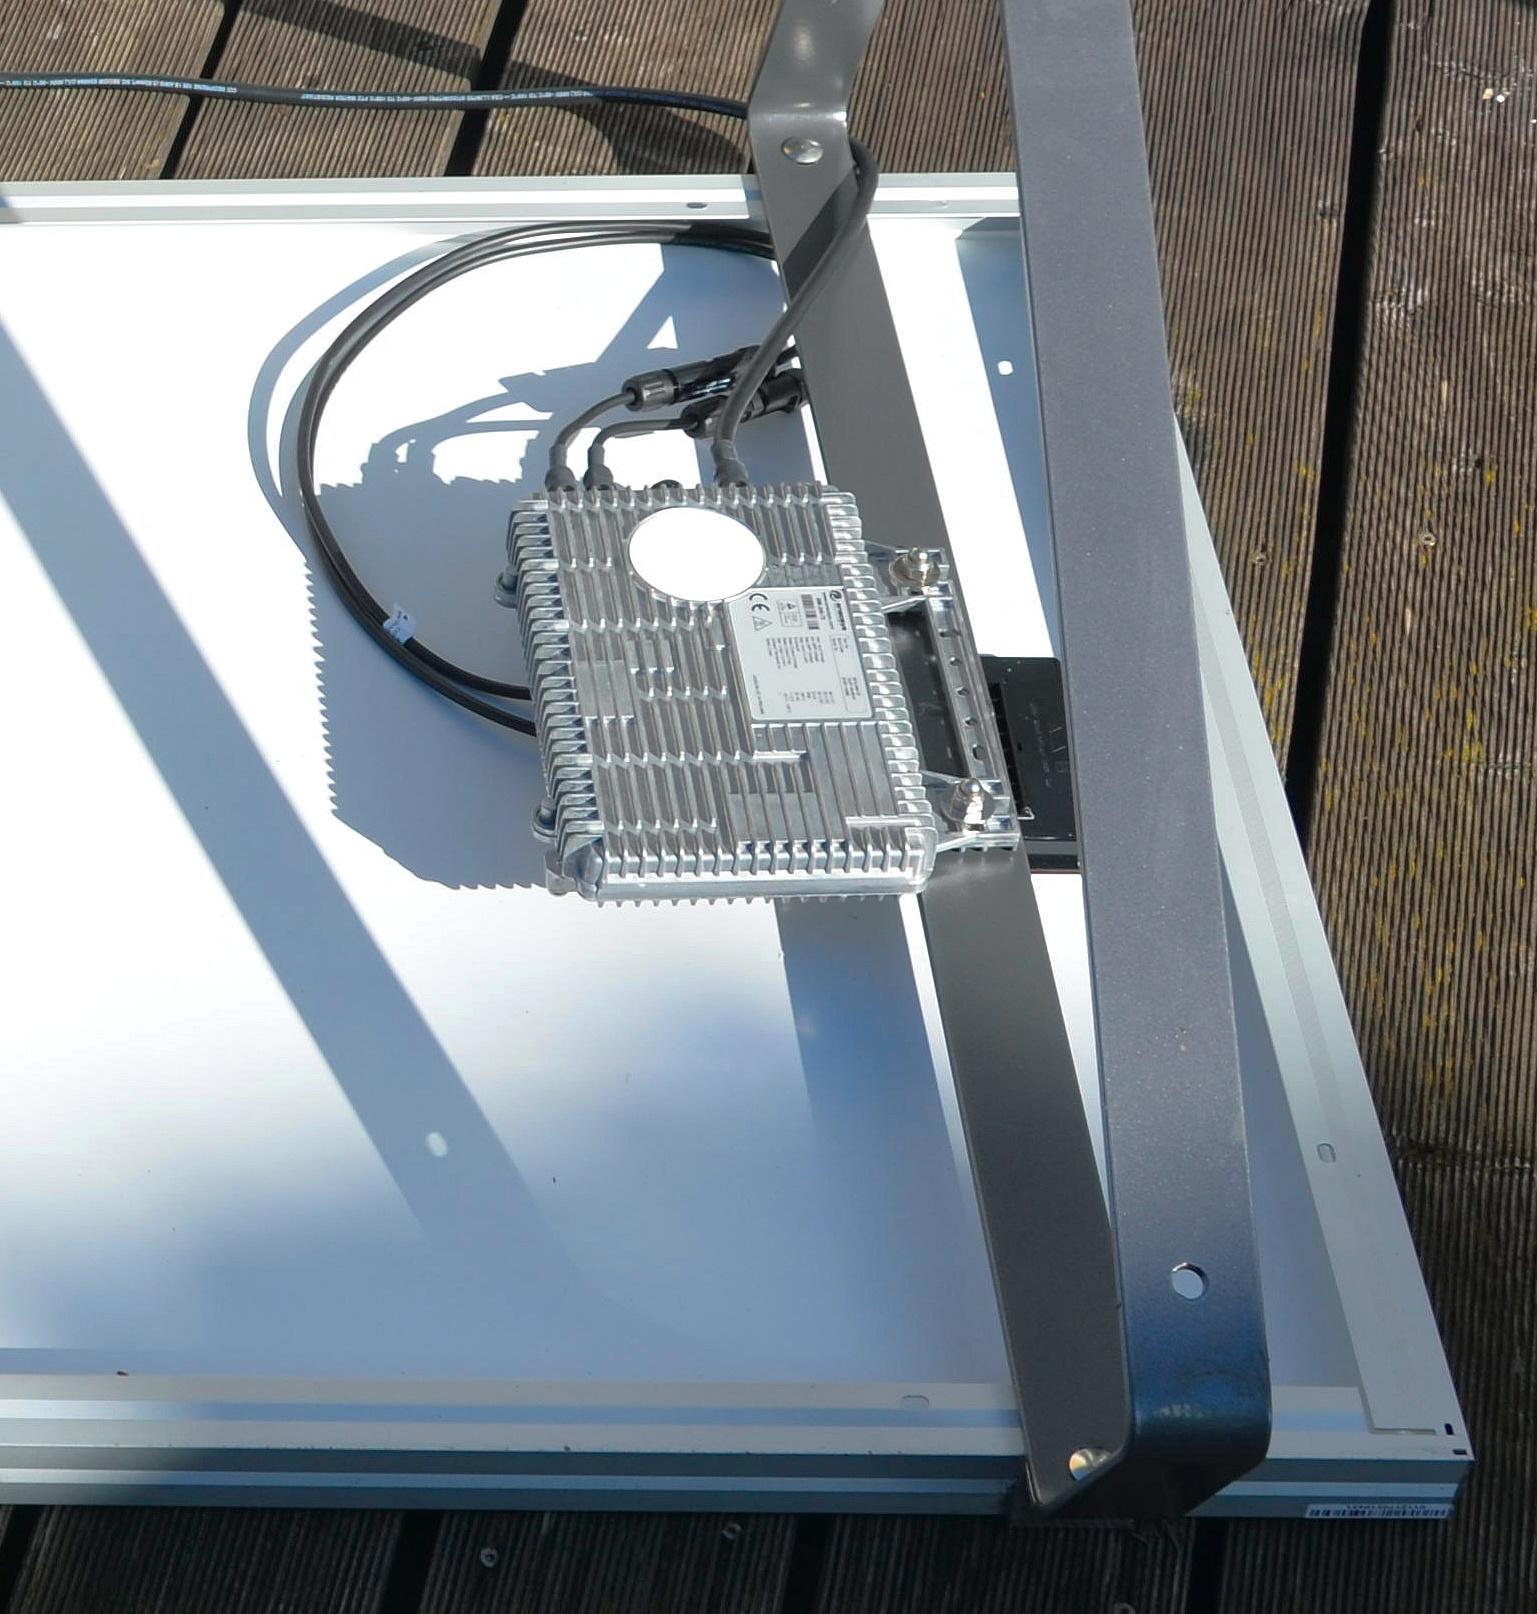 bewegung im streit um photovoltaik module mit steckdosenanschluss c 39 t magazin. Black Bedroom Furniture Sets. Home Design Ideas